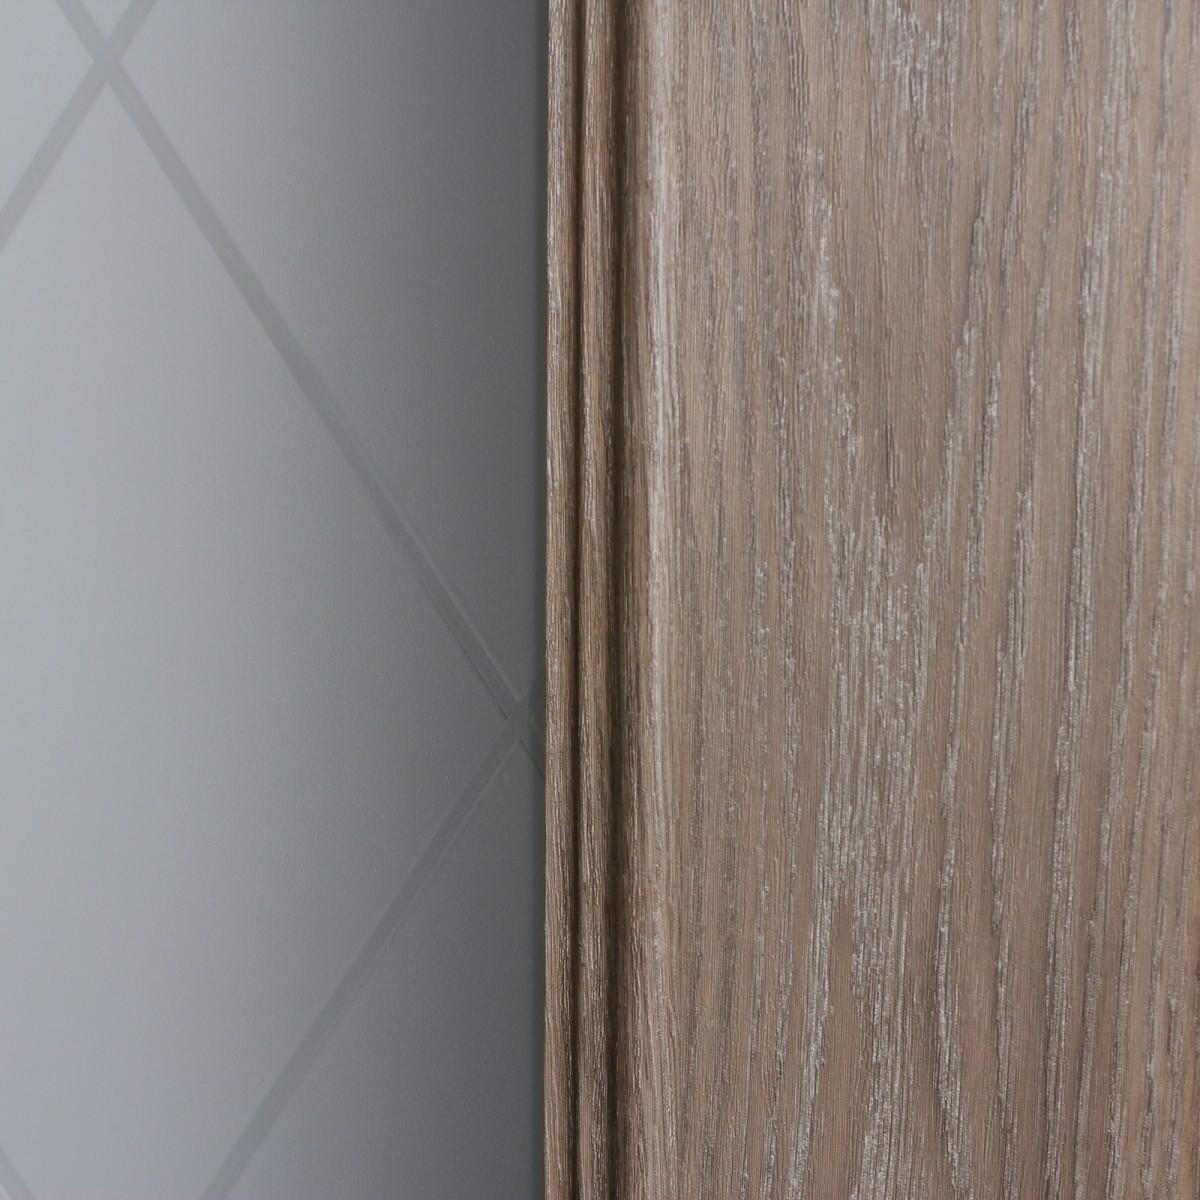 Дверь Межкомнатная Остеклённая Престиж 90x200 Цвет Натуральный Дуб